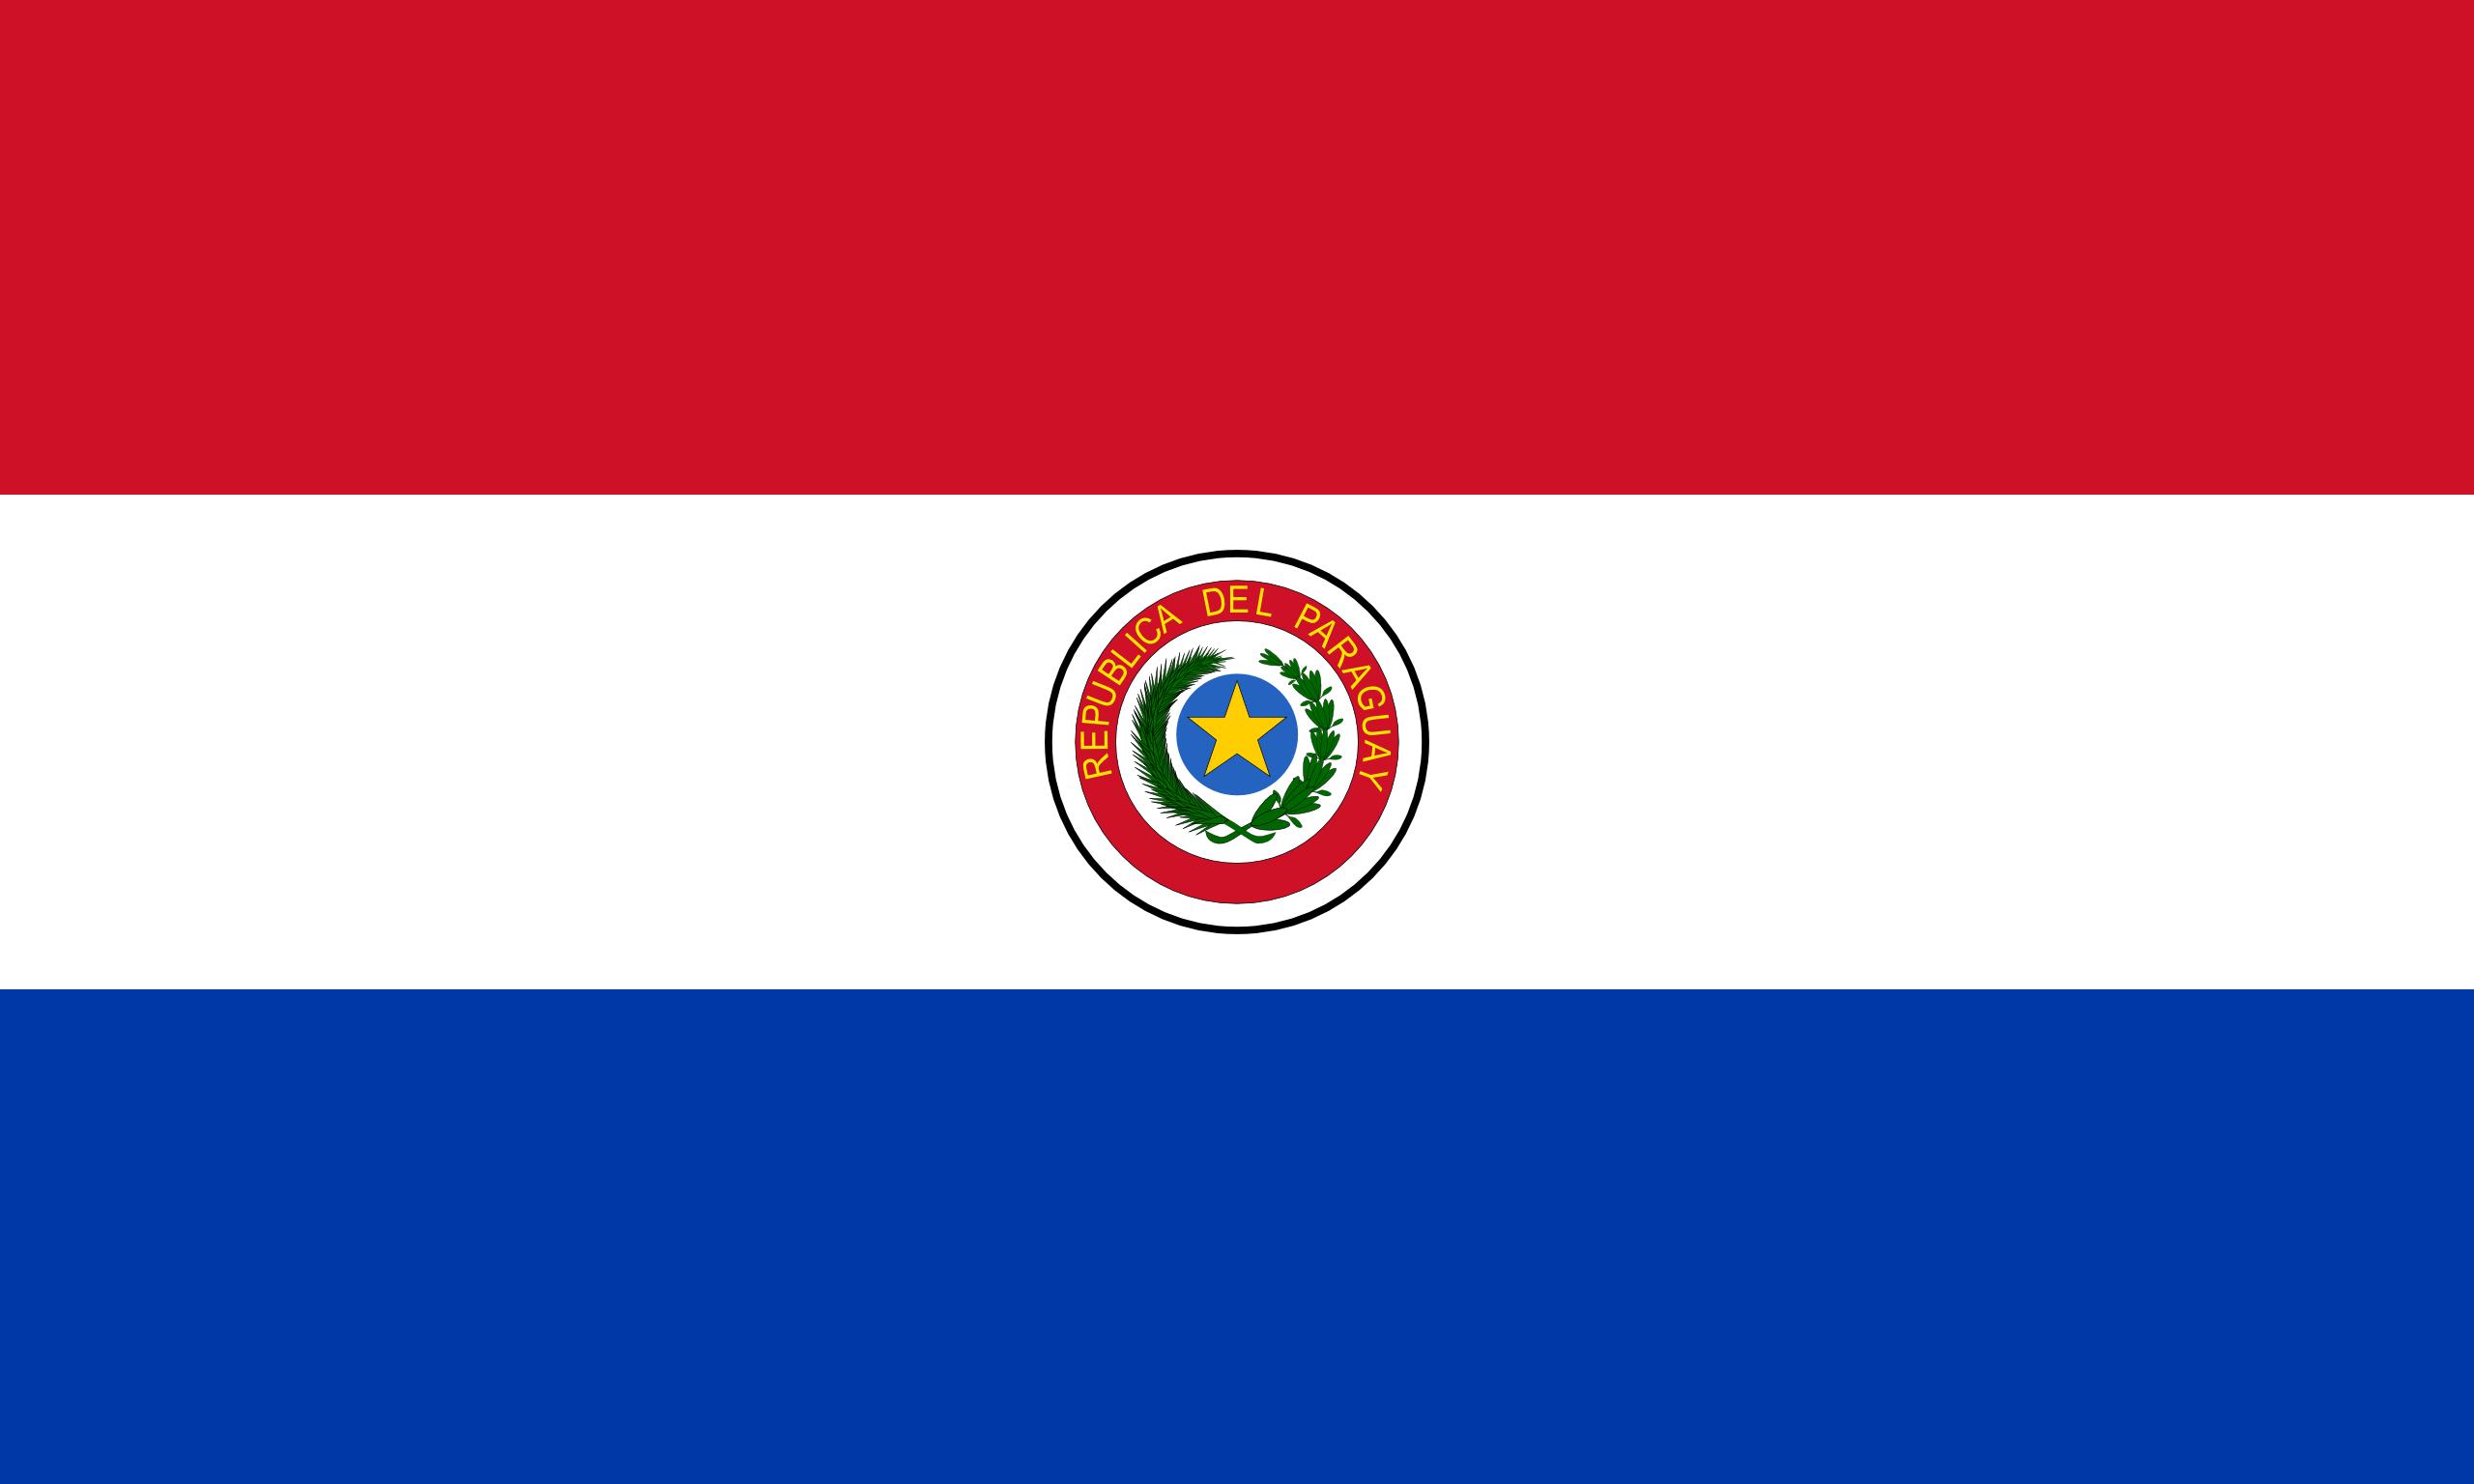 paraguay, 国家, 会徽, 徽标, 符号 - 高清壁纸 - 教授-falken.com